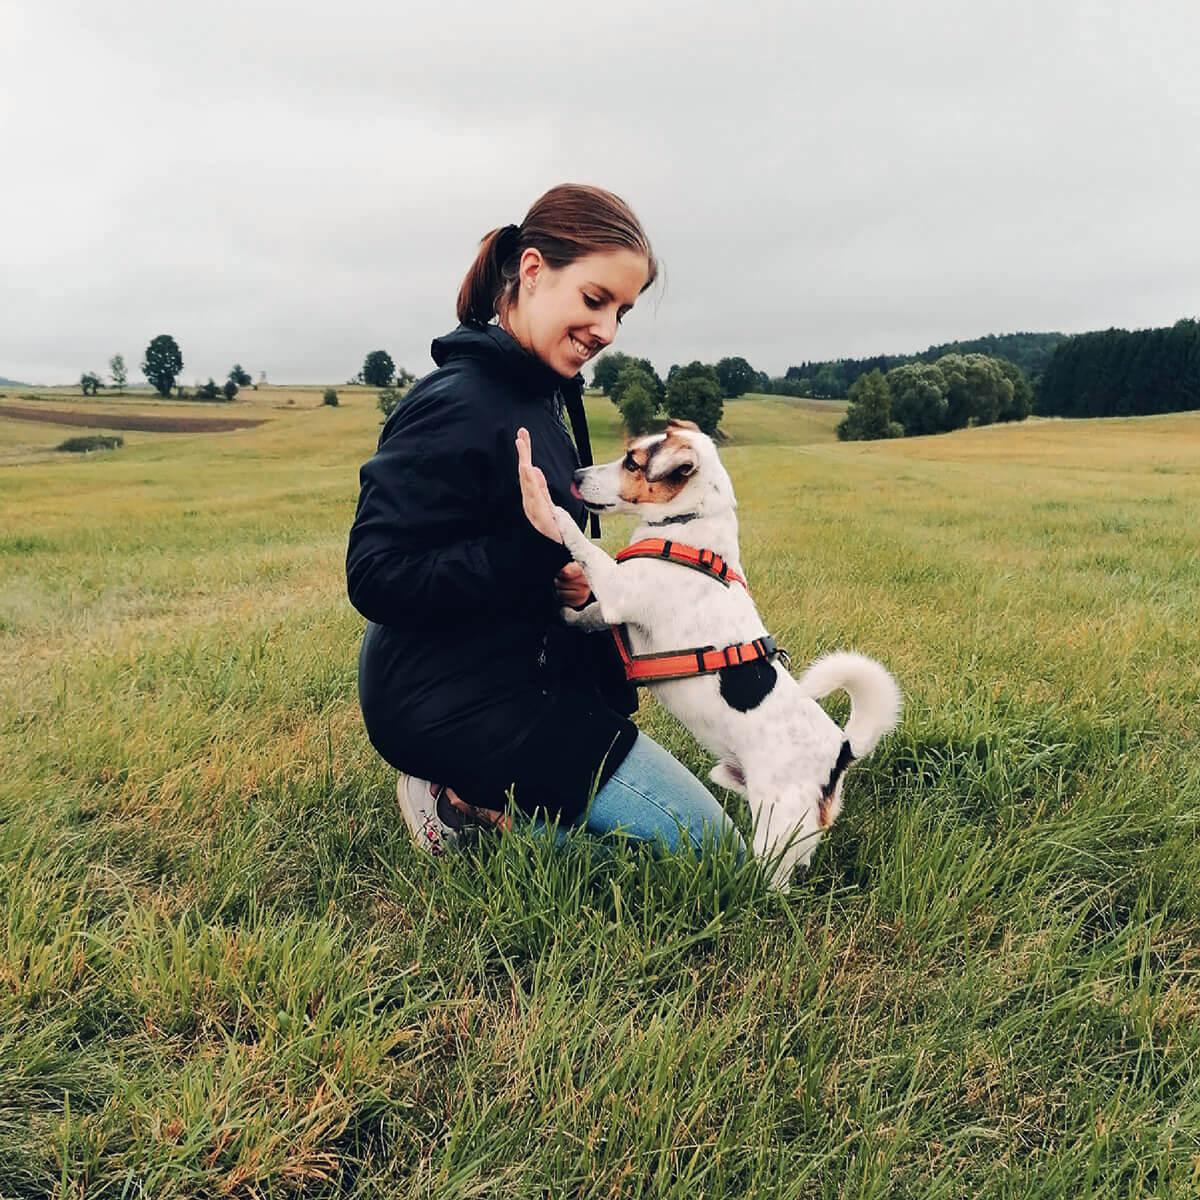 Hundeschule hundefragen Wien 1220 Trainerin Lisa Bobby